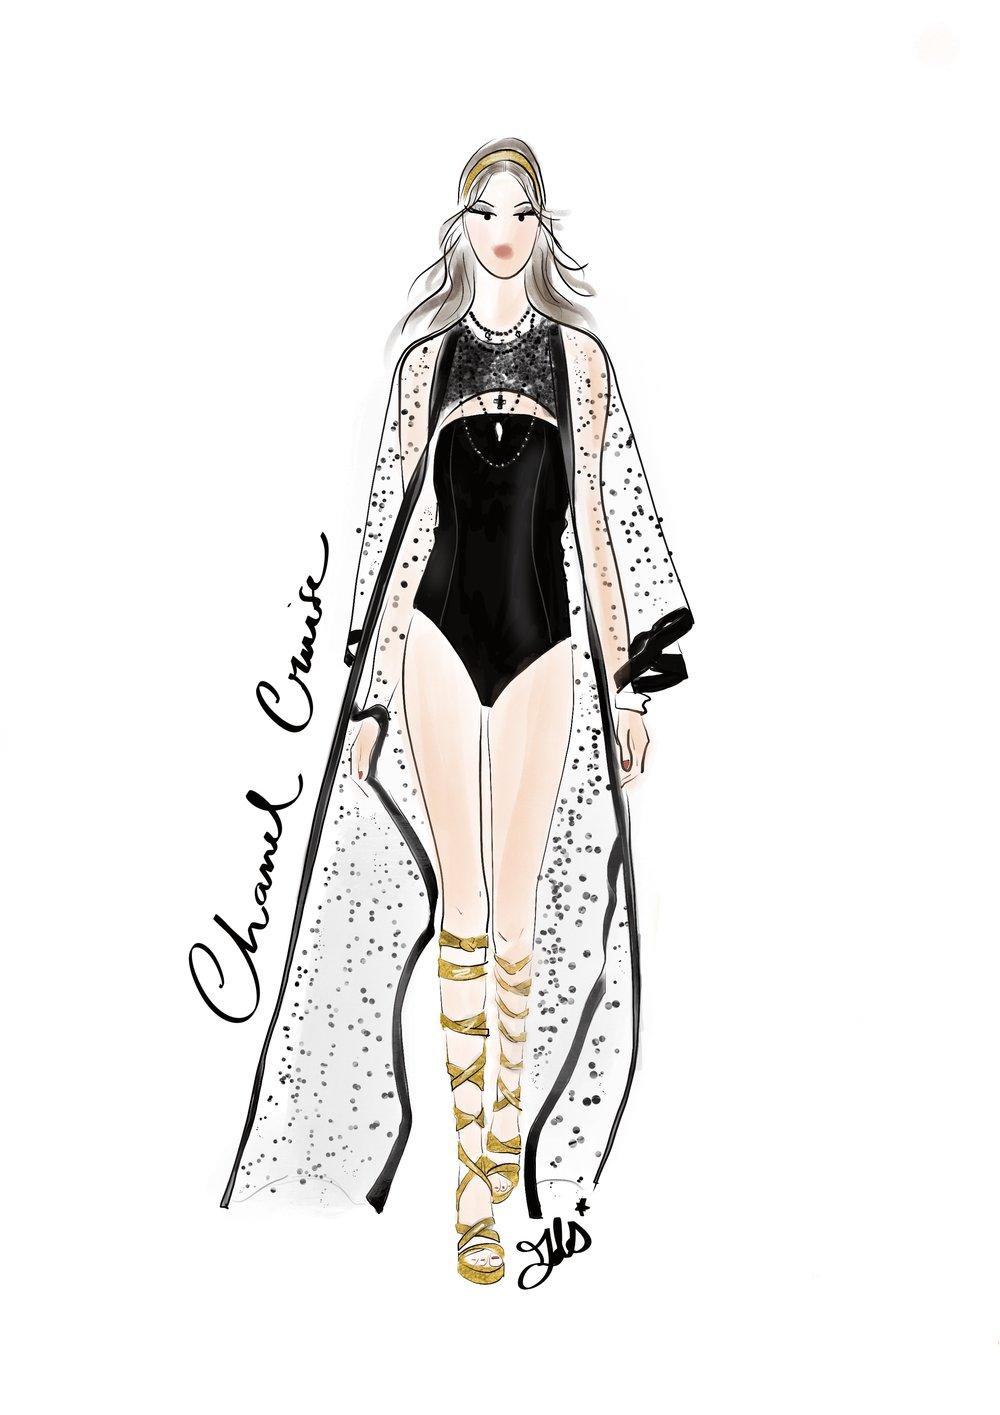 Fashion_week_Cruise_18 copy.jpg